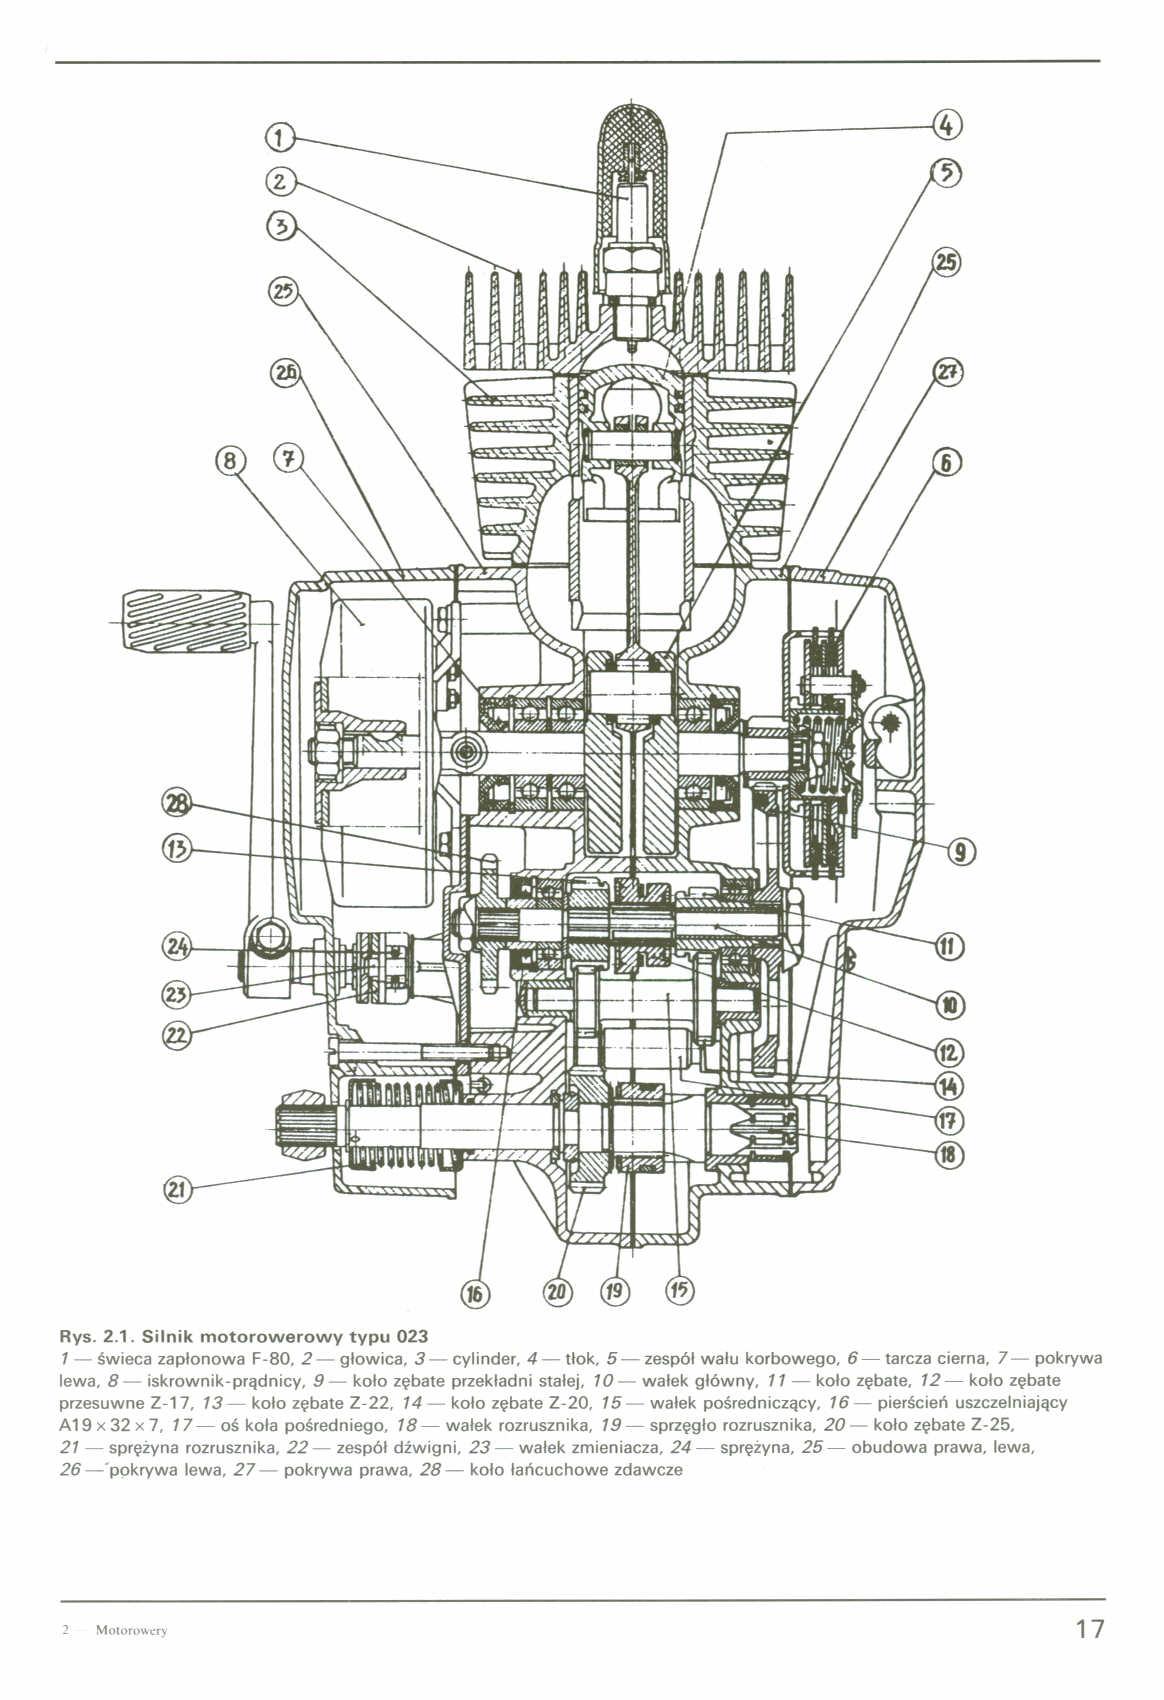 Romet 2-biegowy - Remont kapitalny silnika